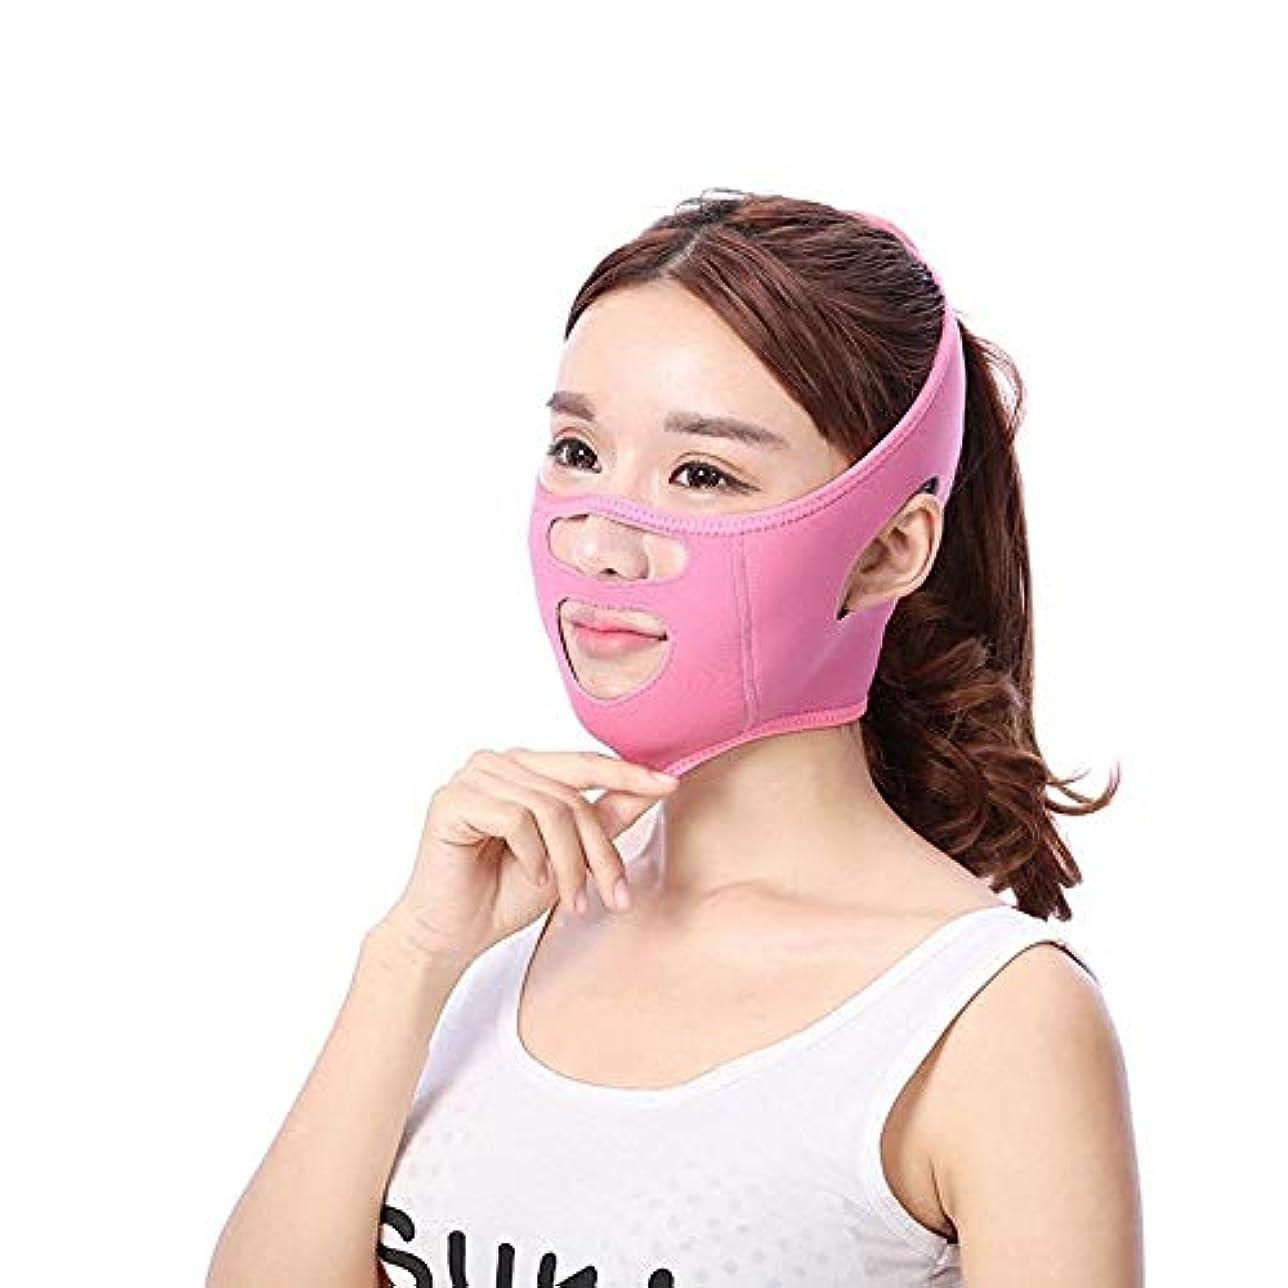 中庭部族キャンペーンフェイスリフティングベルト、フェイスリフティング包帯フェイシャルマッサージV字型美容機器通気性の低下したダブルチンアンチエイジング (Color : Pink)